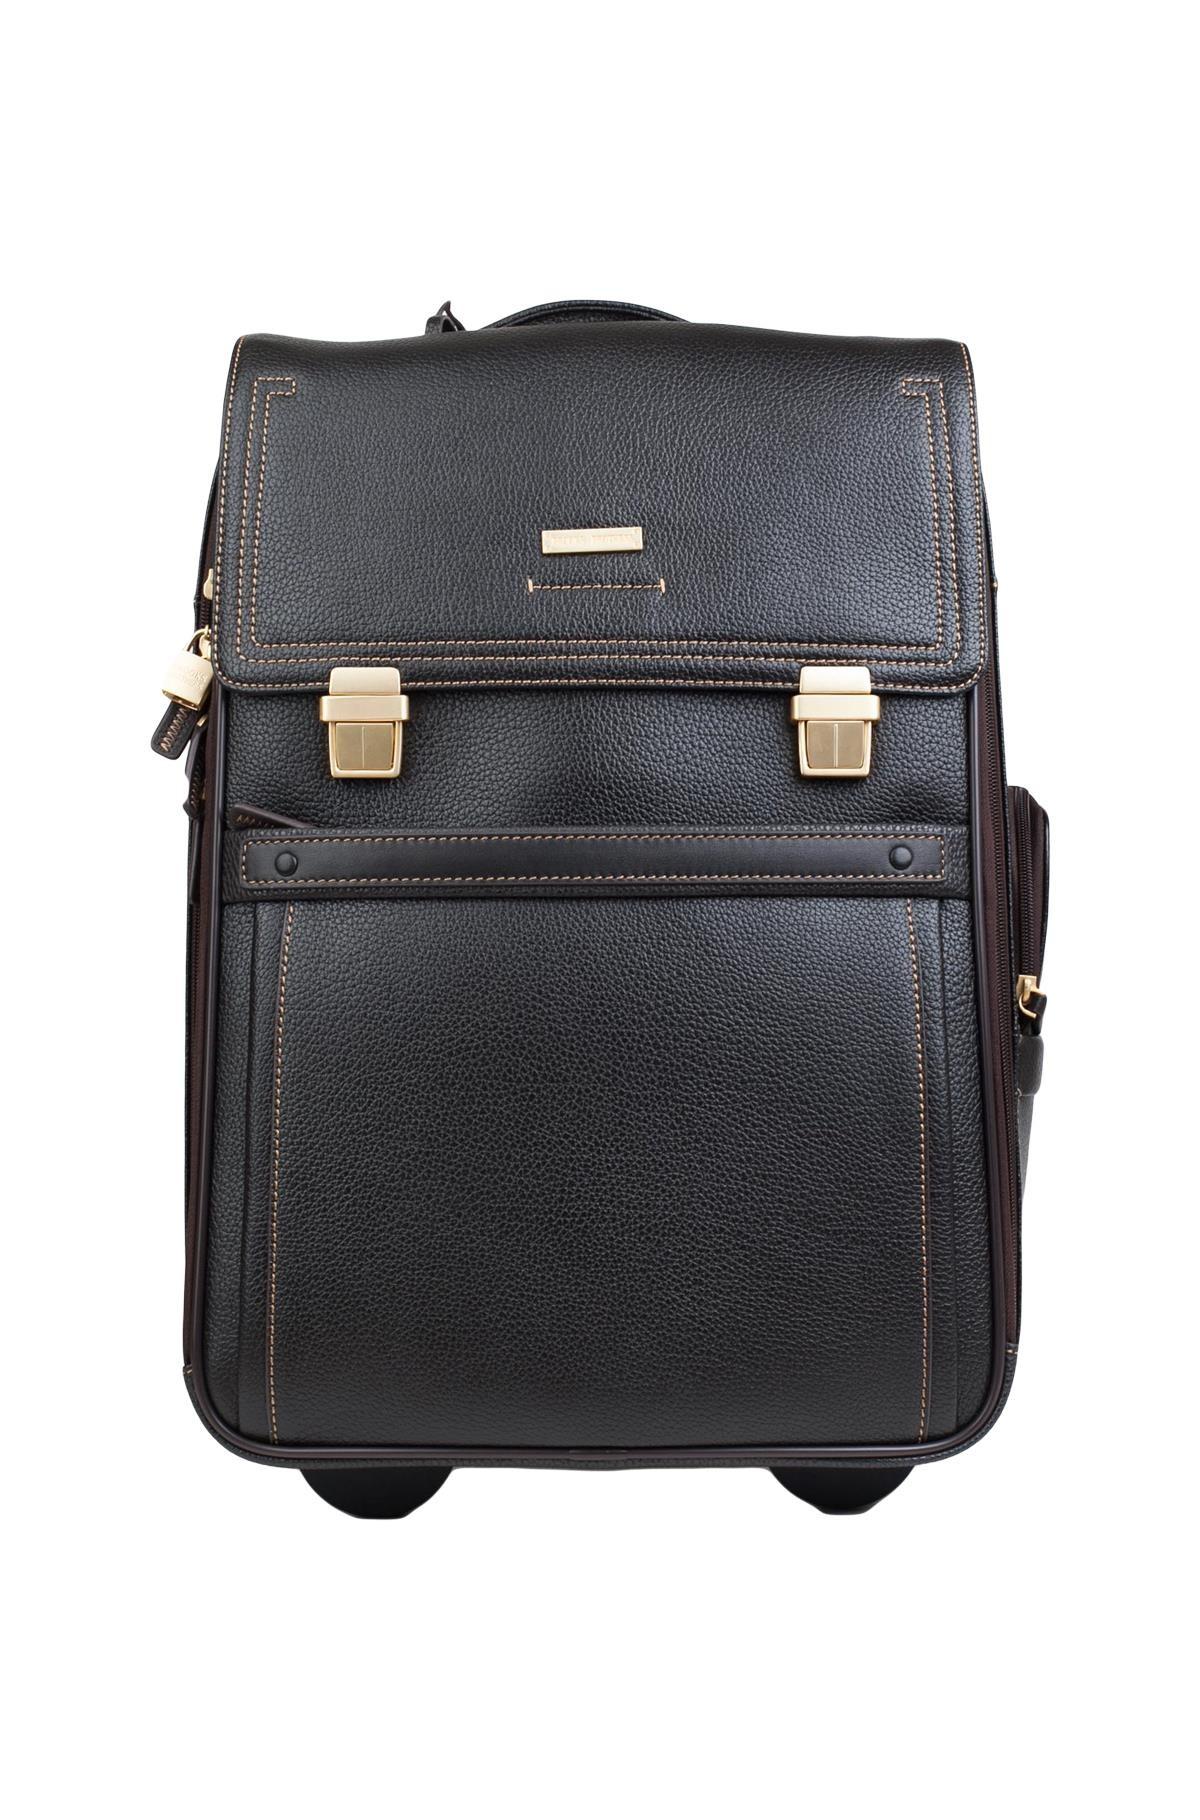 Rankinis bagažas 00013669-full-1